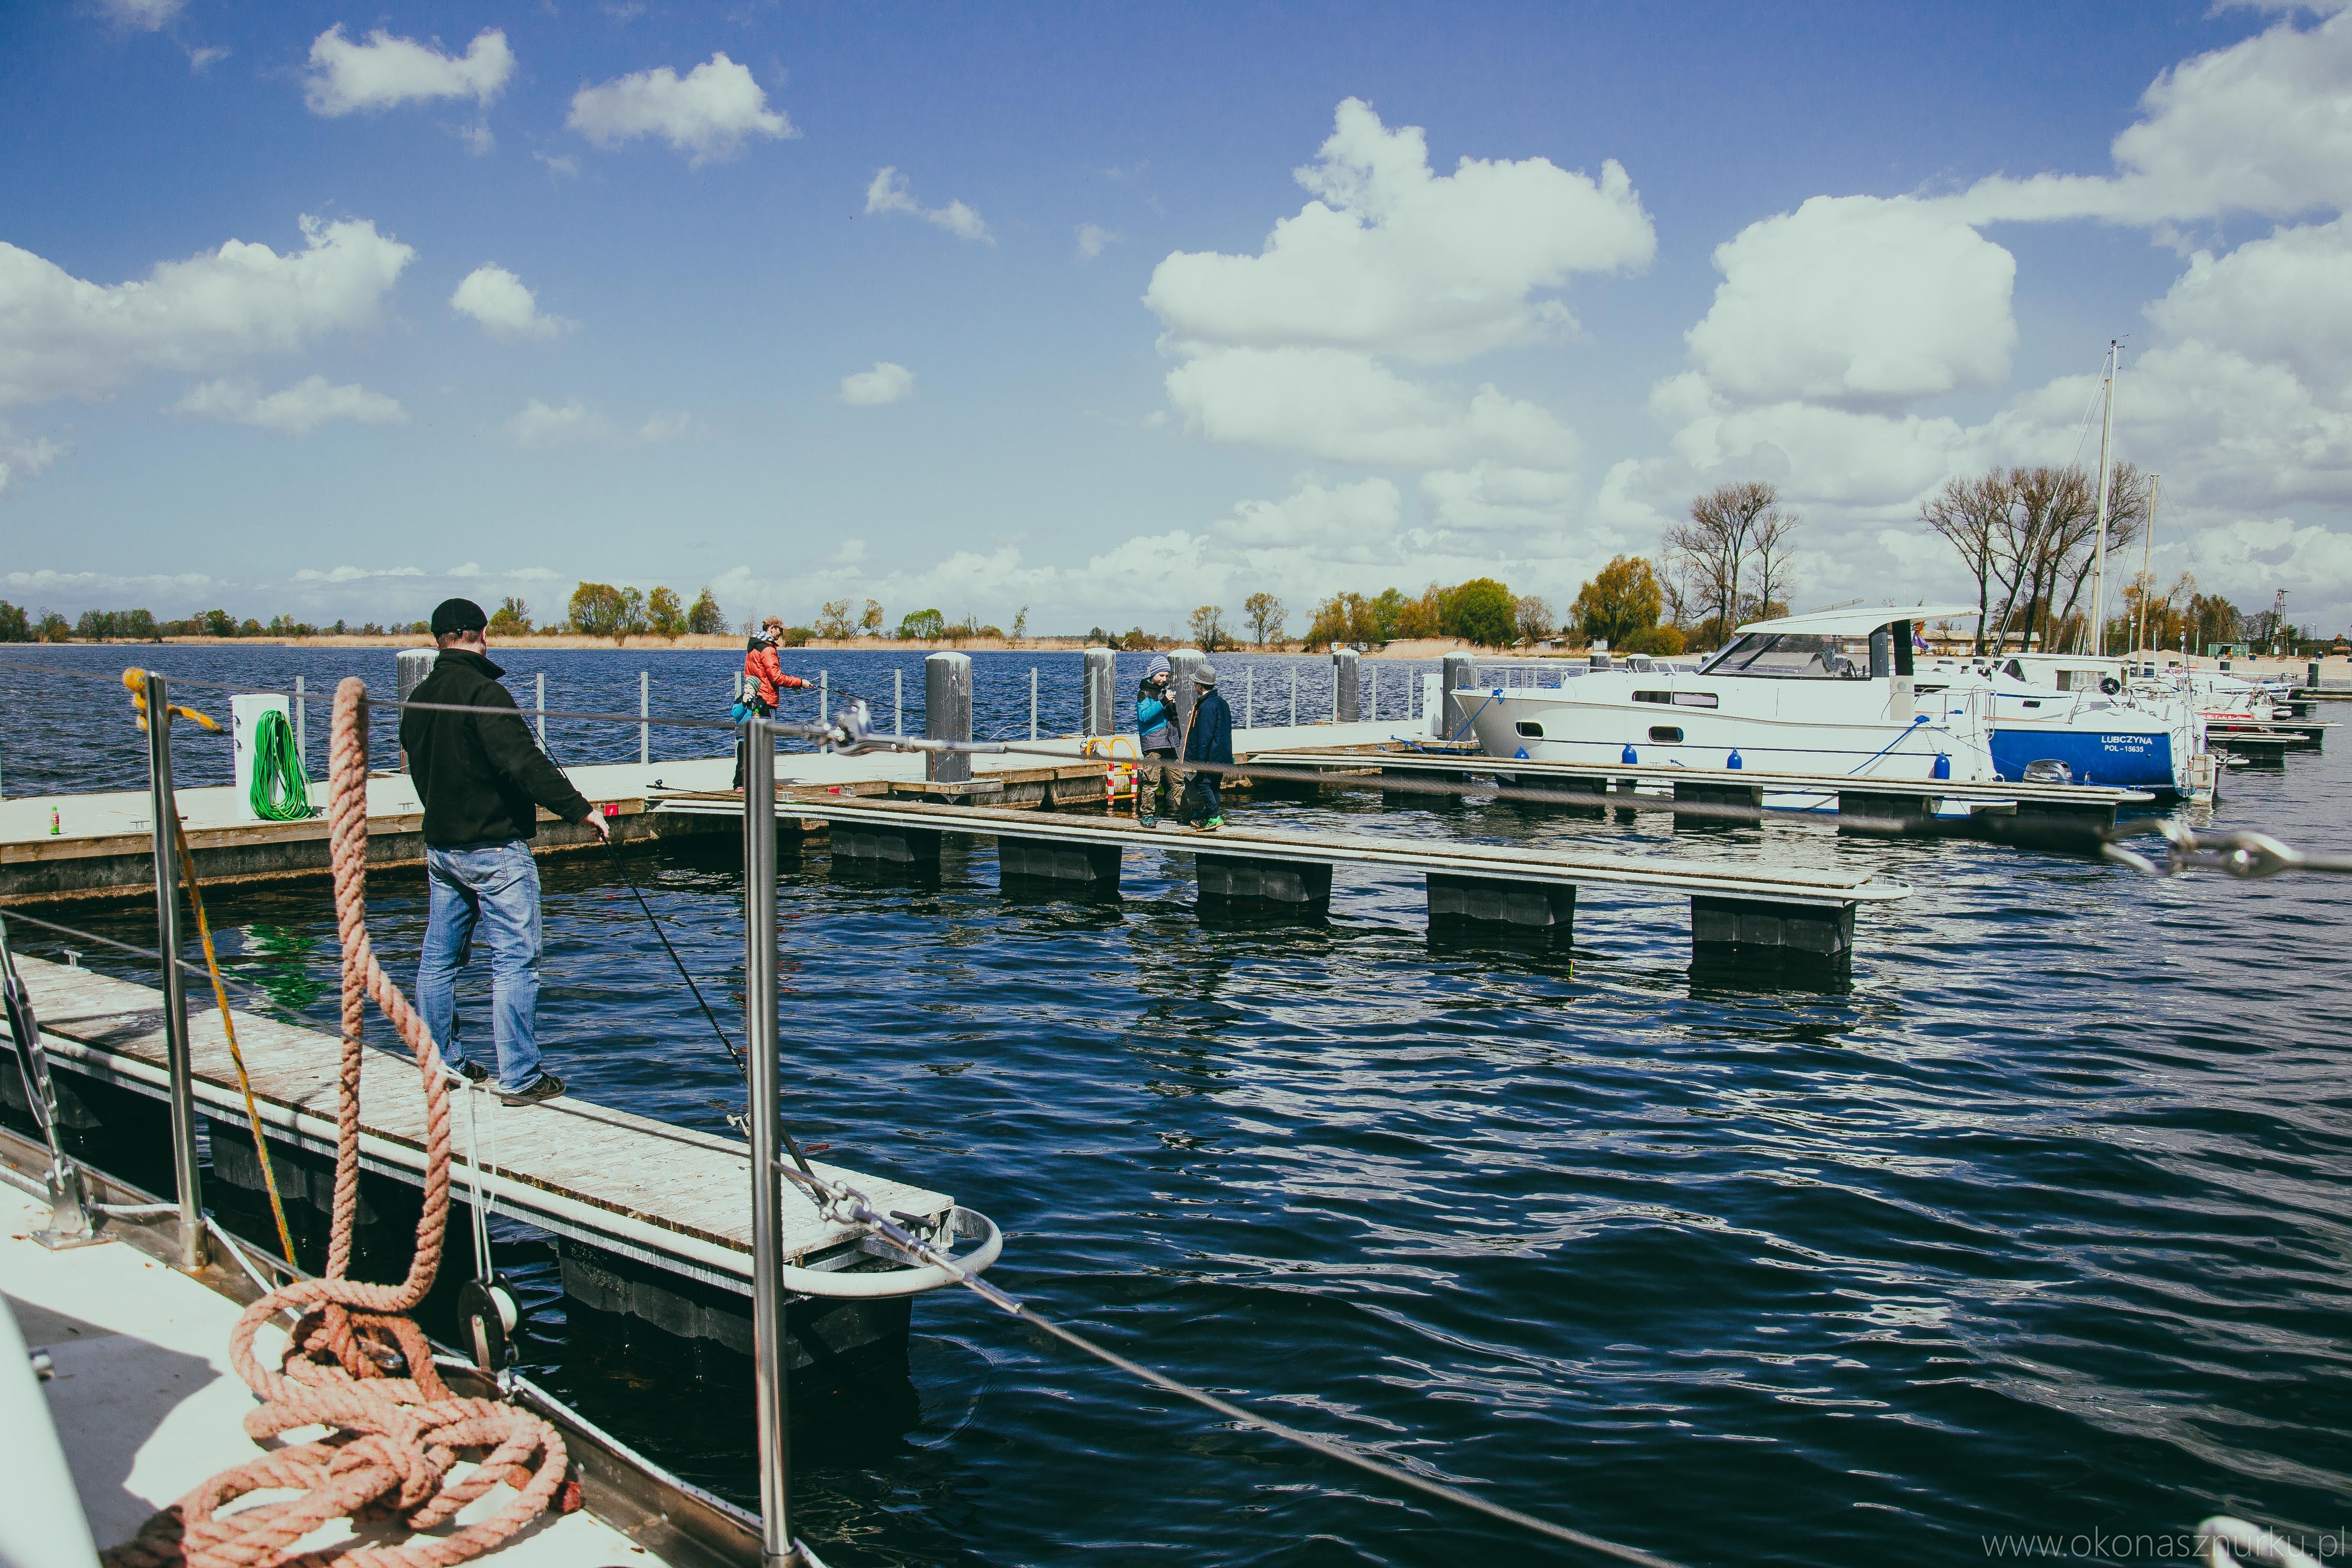 marina-jacht-wyprawy-morskie-silesia-szczecin-goclaw-lubczyna (53)